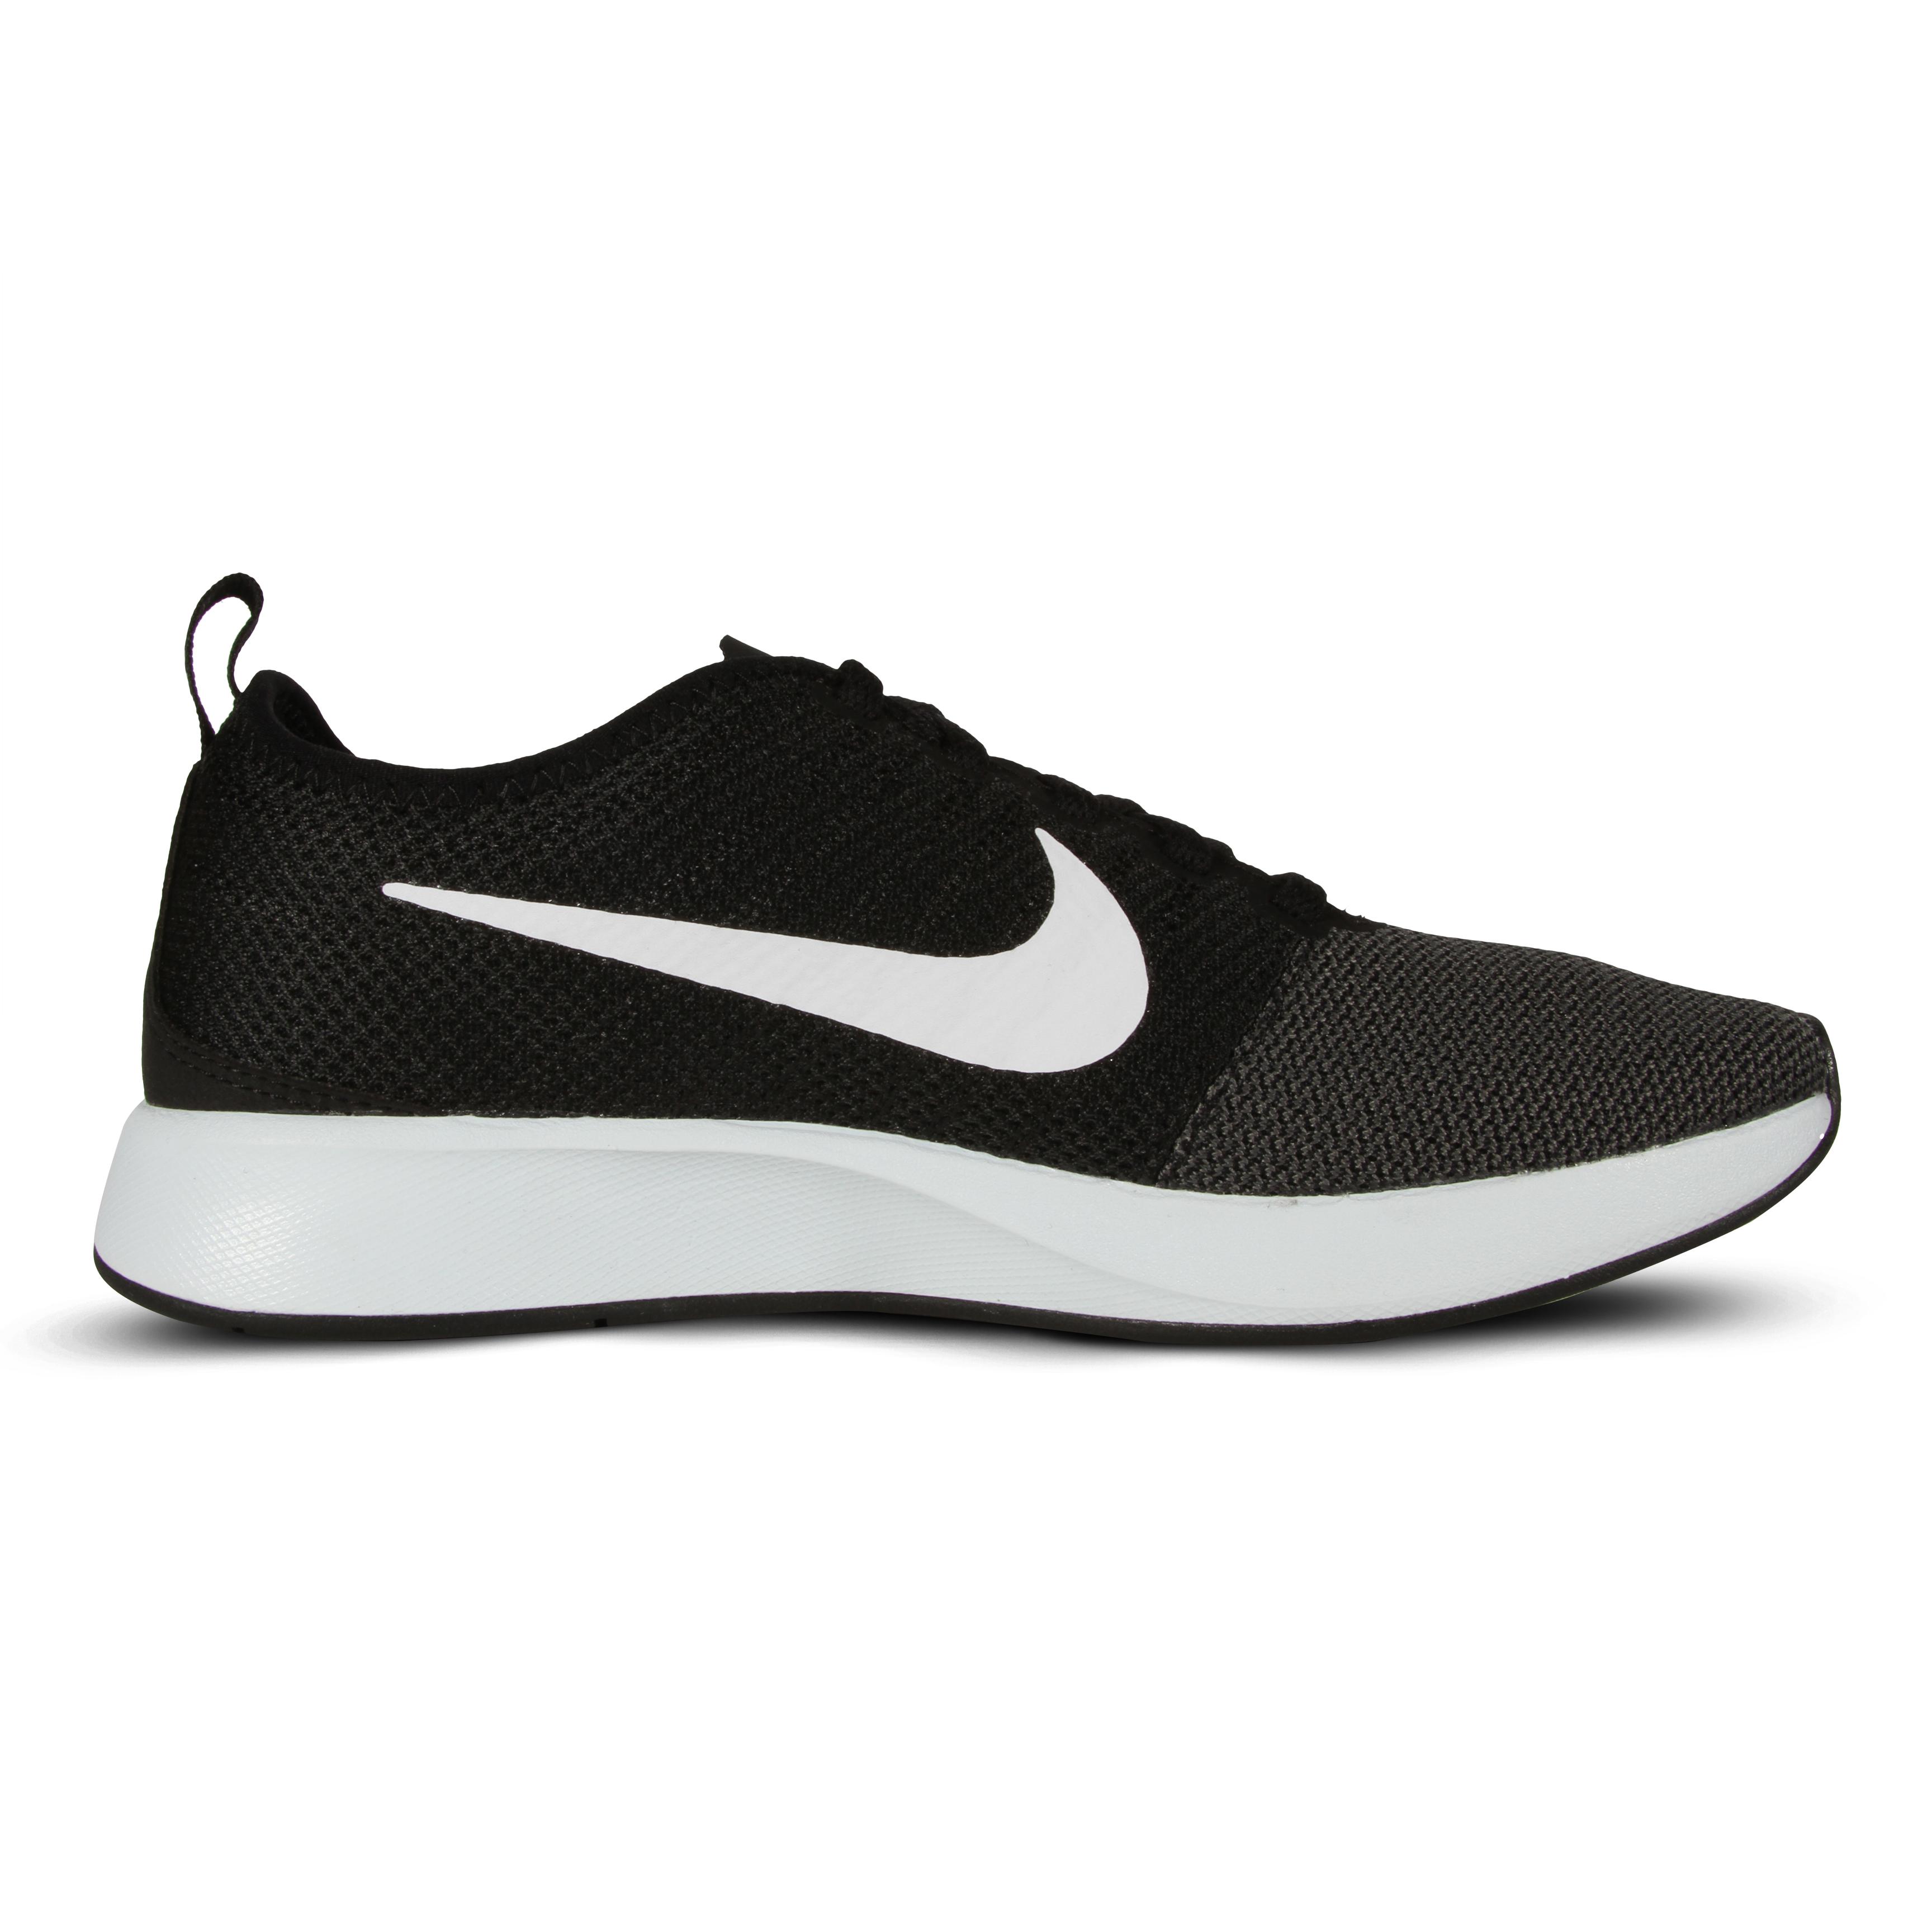 big sale 7b4bf bf983 ... Women s Women s Women s Nike Dualtone Racer Running Shoes 917682-003  747b61 ...